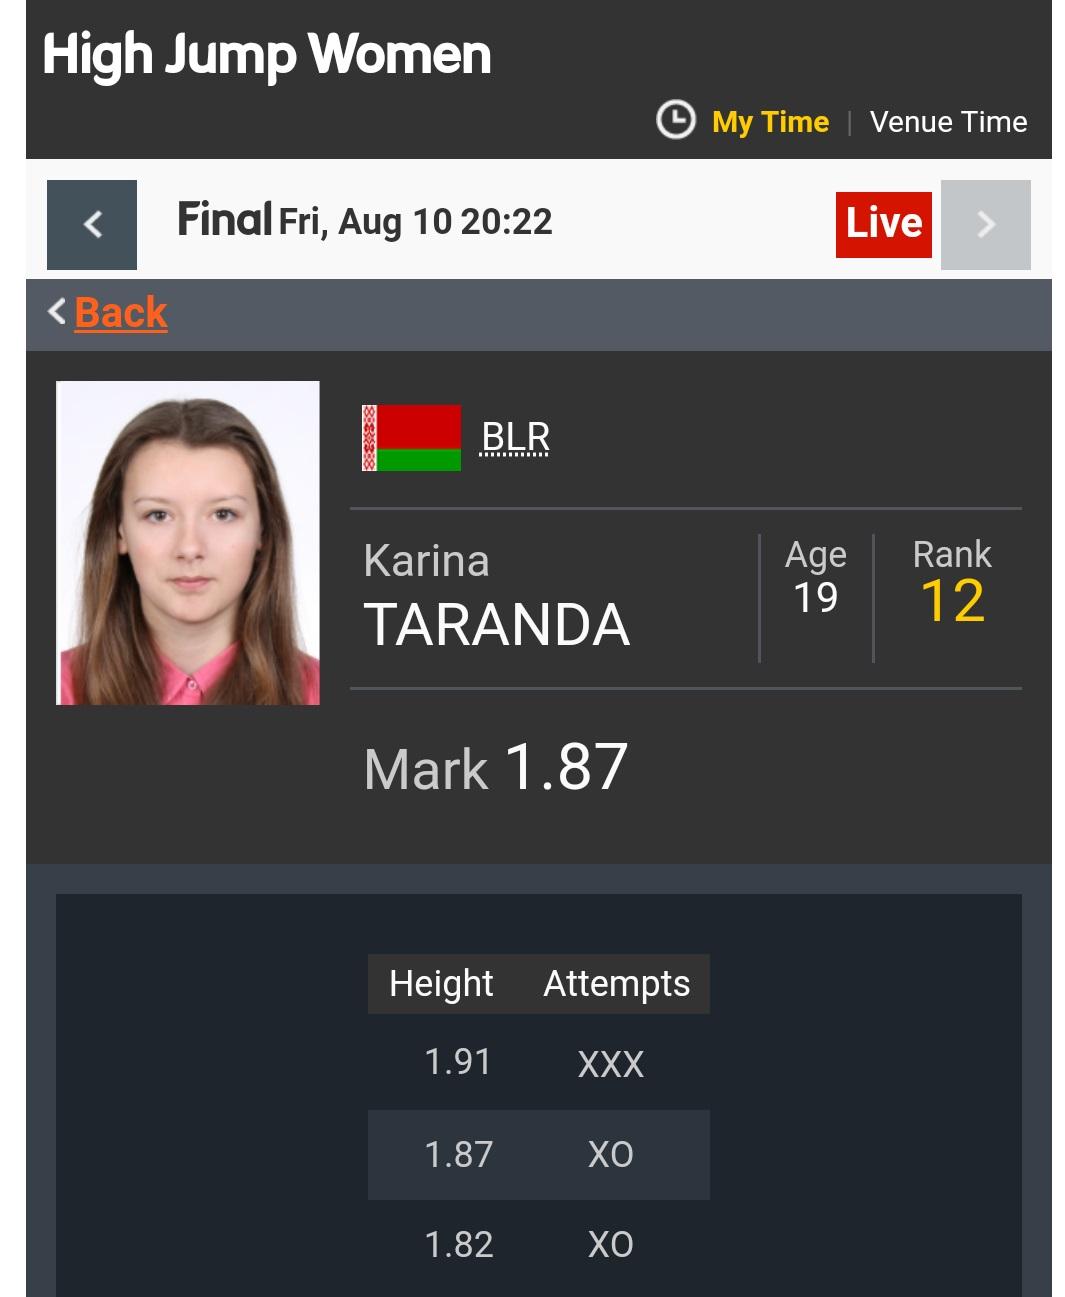 Скриншот карты прыжков Карины Таранды.